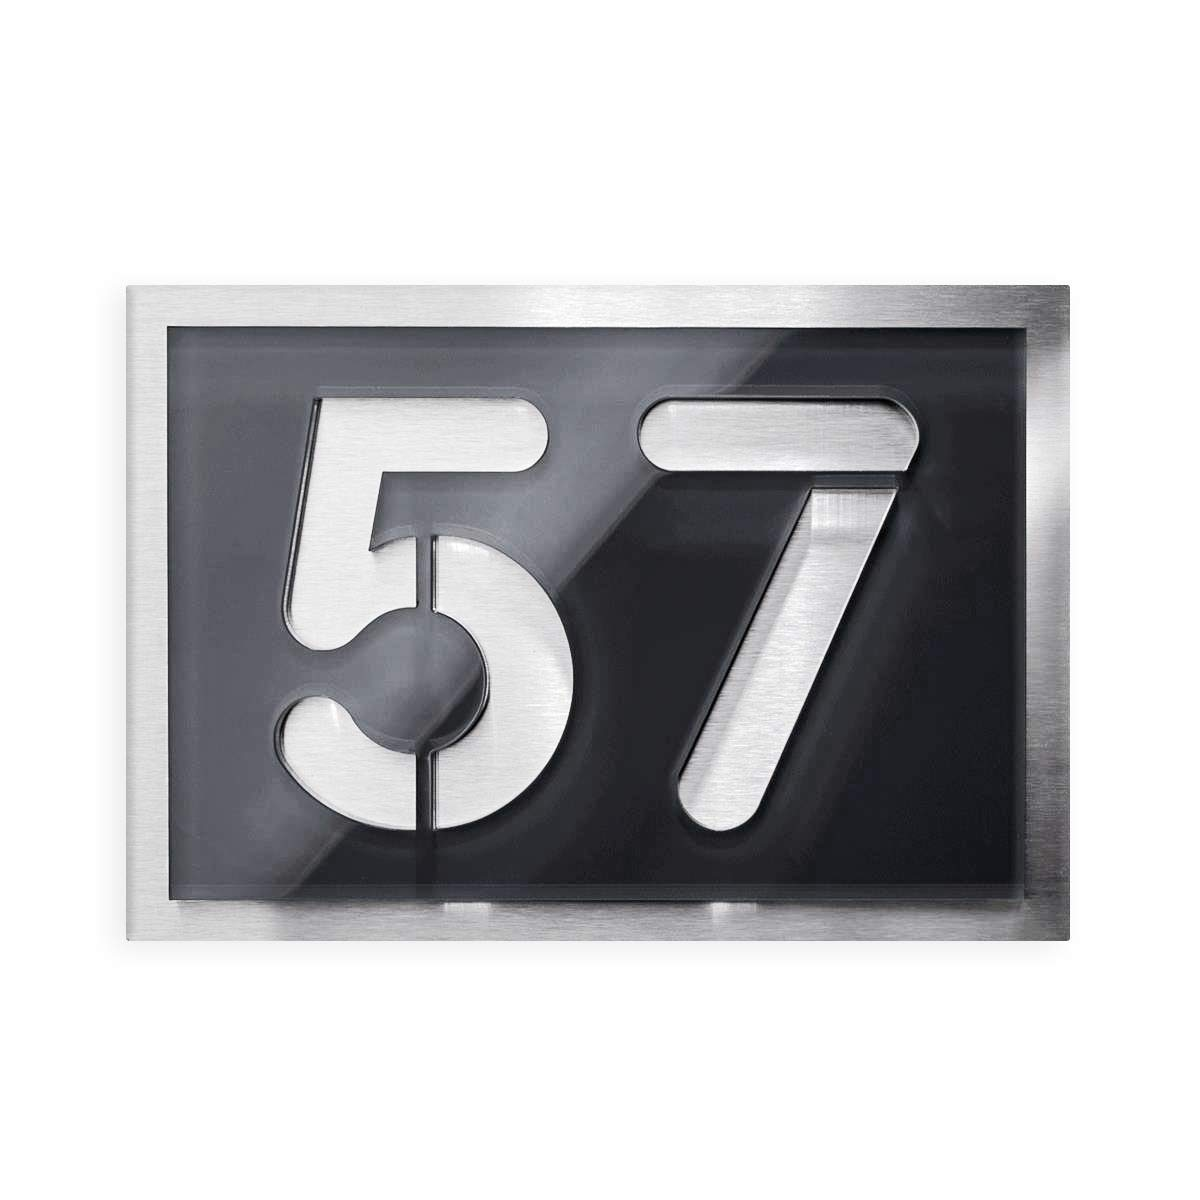 Metzler-Trade Hausnummer zweistellig - aus Edelstahl und Hochglanz Acrylglas in Anthrazit RAL 7016 -Grö ß e: 21, 5 x 15 cm - Montagematerial im Lieferumfang enthalten.